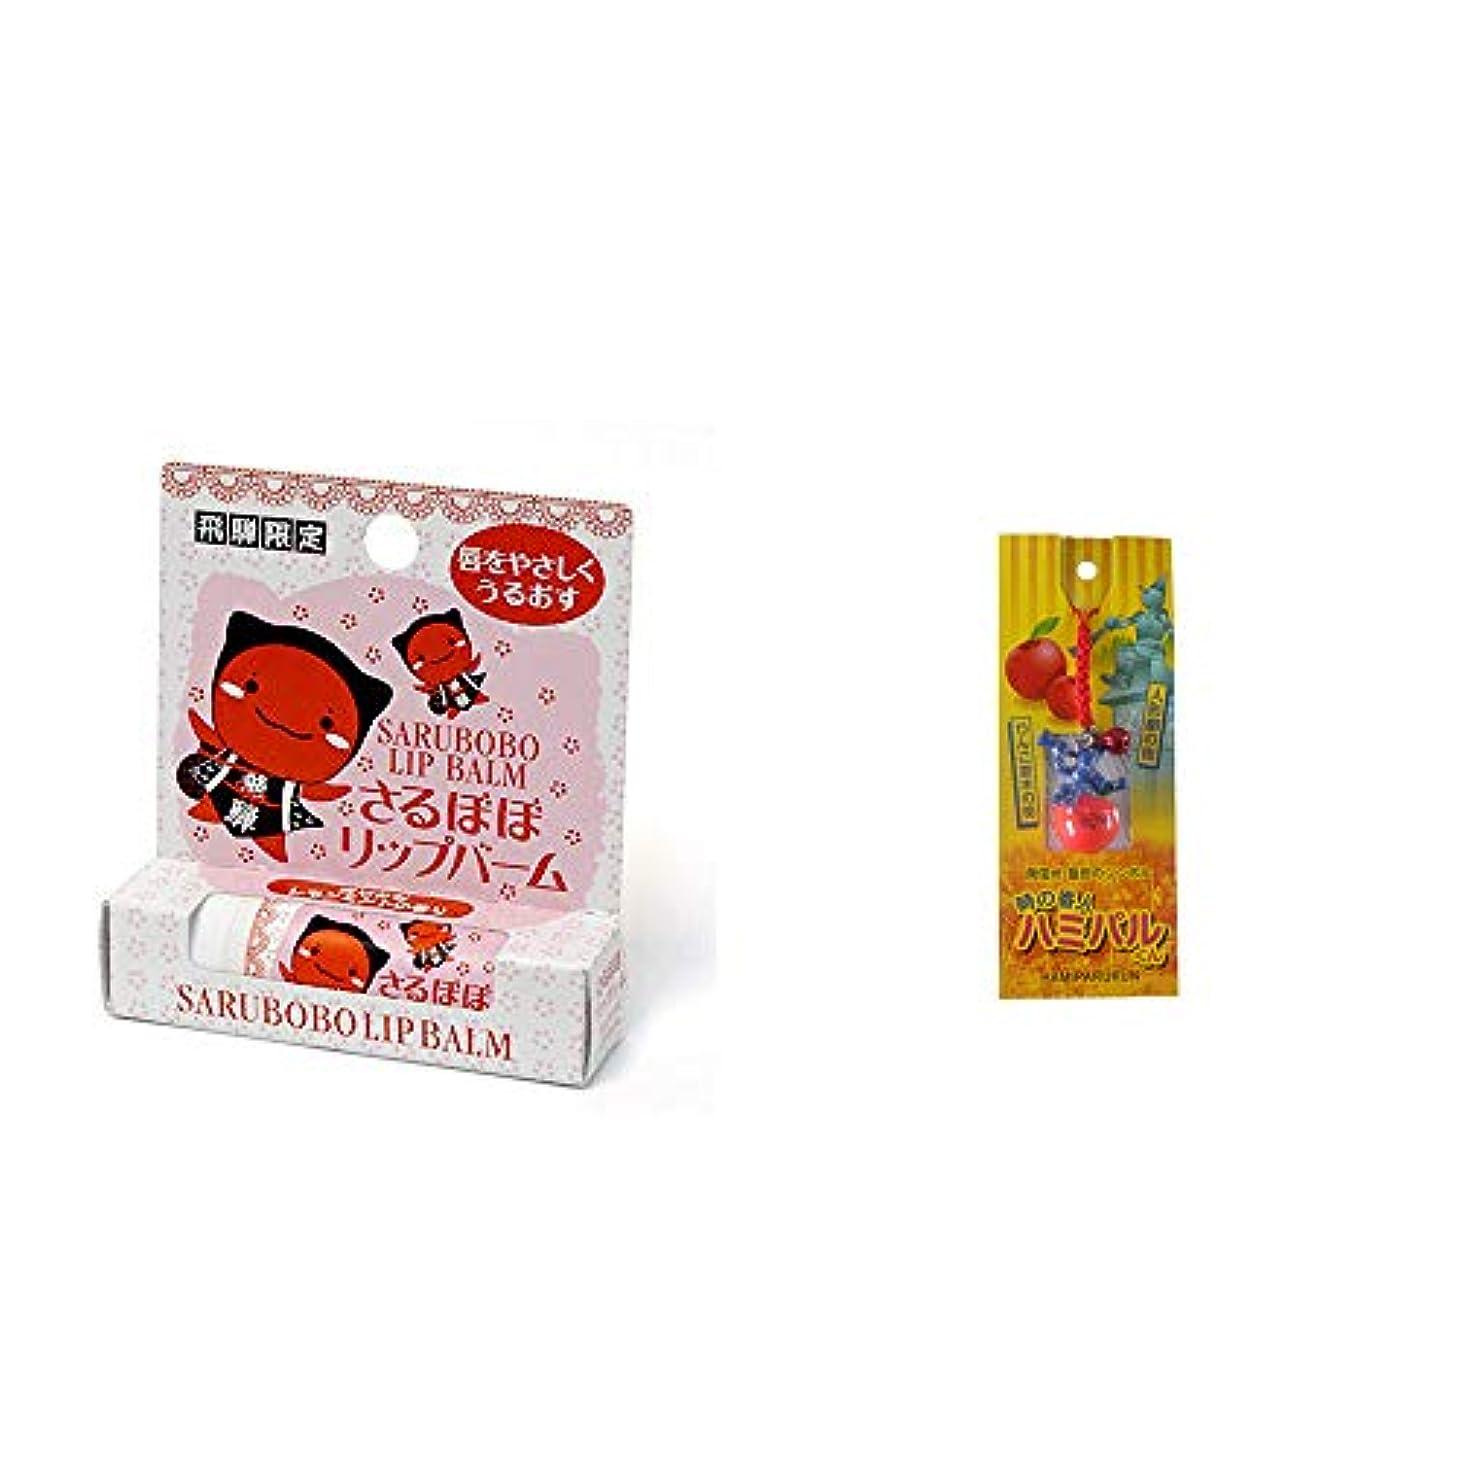 夕食を食べるレーザ栄光[2点セット] さるぼぼ リップバーム(4g) ?信州?飯田のシンボル 時の番人ハミパルくんストラップ